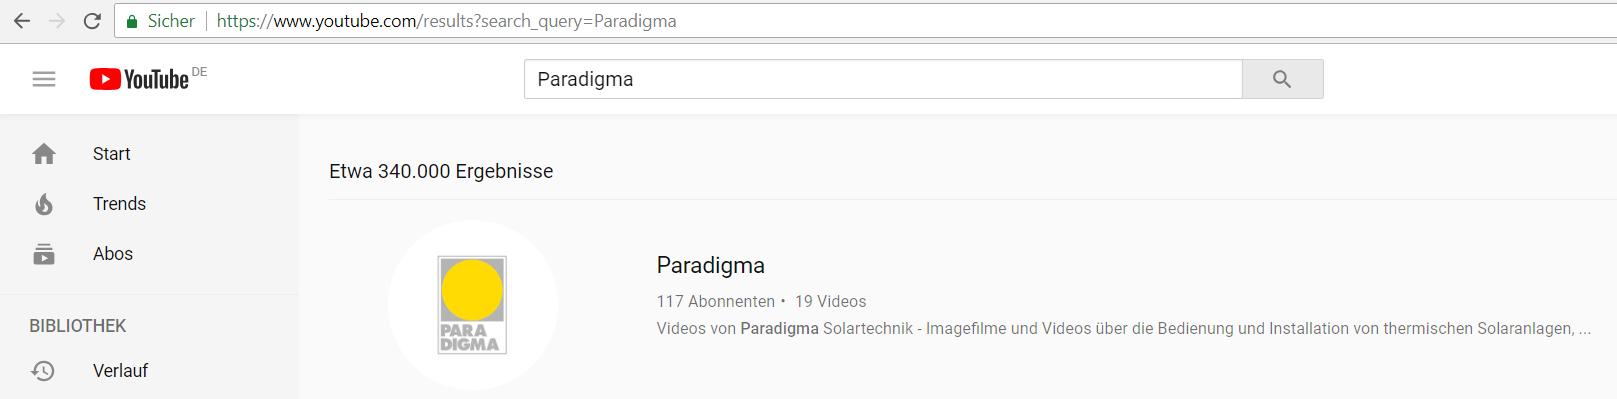 Youtube-Kanal von Paradigma_Suche auf Youtube_Suchergebnis_Paradigma